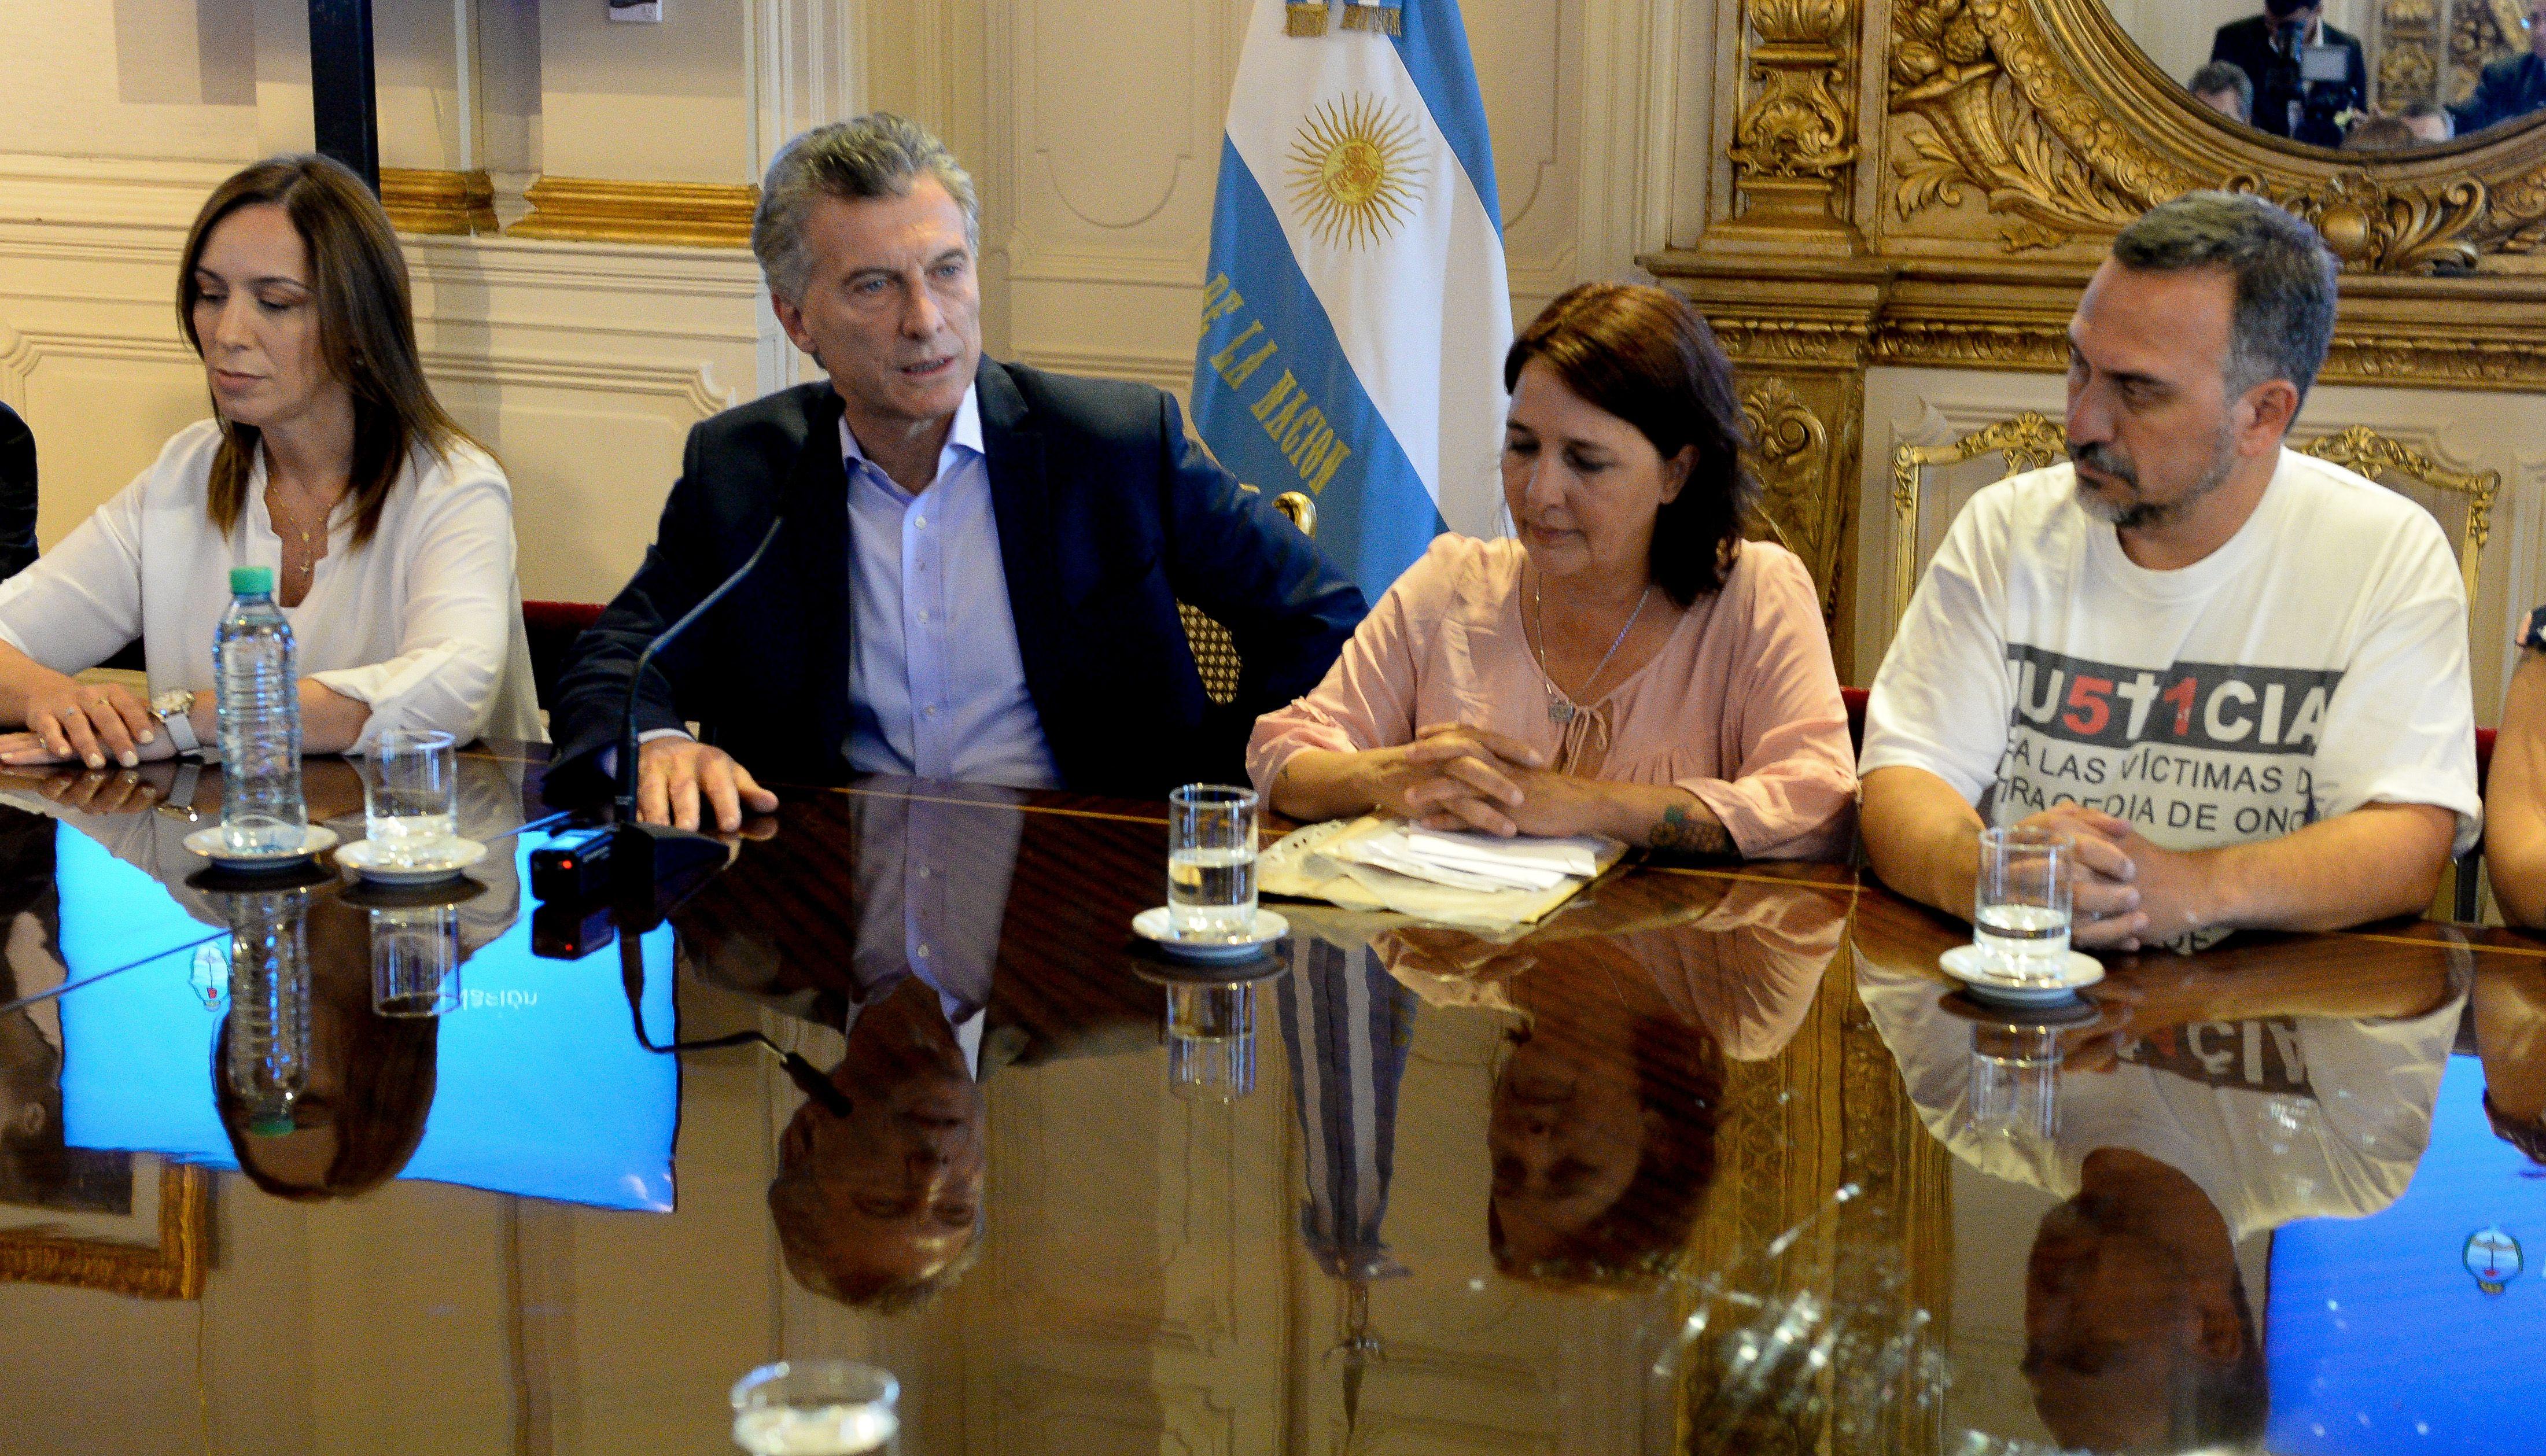 Macri recibió a los familiares de la tragedia de Once, quienes pidieron endurecer los castigos